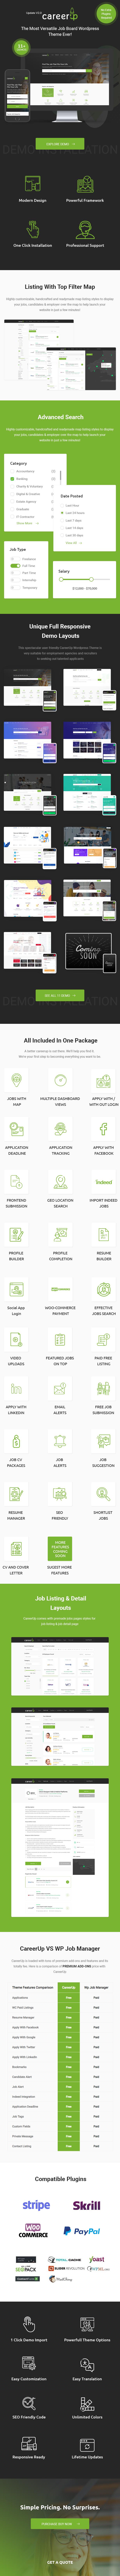 CareerUp - Job Board WordPress Theme - 5